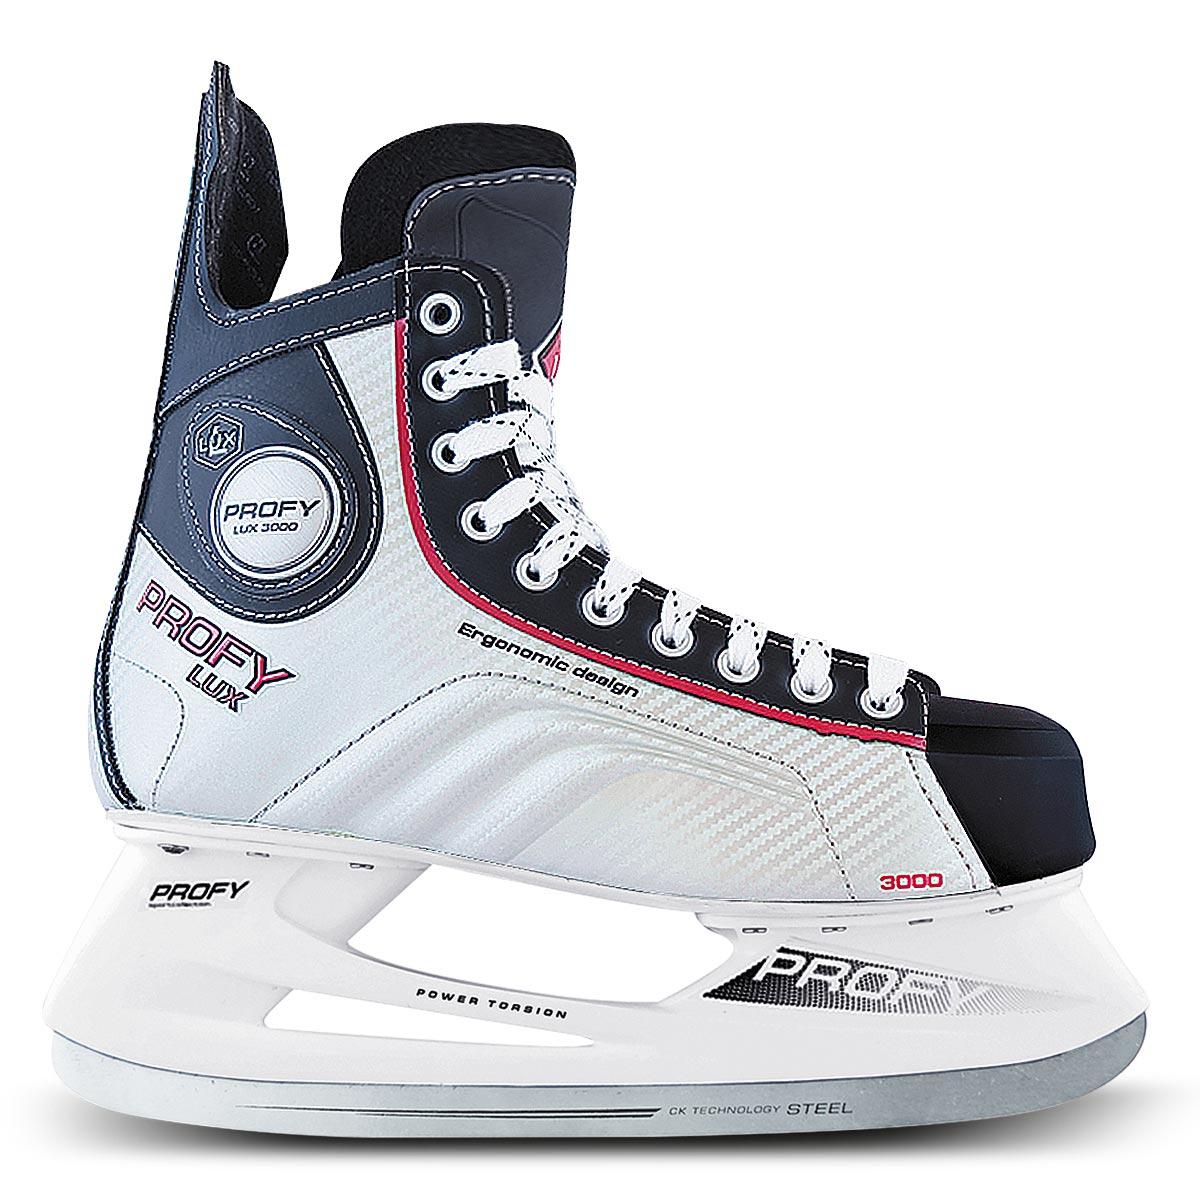 Коньки хоккейные мужские СК Profy Lux 3000, цвет: черный, серебряный, красный. Размер 46PROFY LUX 3000 Red_46Коньки хоккейные мужские СК Profy Lux 3000 прекрасно подойдут для профессиональных игроков в хоккей. Ботинок выполнен из морозоустойчивой искусственной кожи и специального резистентного ПВХ, а язычок - из двухслойного войлока и искусственной кожи. Слоевая композитная технология позволила изготовить ботинок, полностью обволакивающий ногу. Это обеспечивает прочную и удобную фиксацию ноги, повышает защиту от ударов. Ботинок изготовлен с учетом антропометрии стоп россиян, что обеспечивает комфорт и устойчивость ноги, правильное распределение нагрузки, сильно снижает травмоопасность. Конструкция носка ботинка, изготовленного из ударопрочного энергопоглощающего термопластичного полиуретана Hytrel® (DuPont), обеспечивает увеличенную надежность защиты передней части ступни от ударов. Усиленные боковины ботинка из формованного PVC укрепляют боковую часть ботинка и дополнительно защищают ступню от ударов за счет поглощения энергии. Тип застежки ботинок – классическая шнуровка. Стелька из упругого пенного полимерного материала EVA гарантирует комфортное положение ноги в ботинке, обеспечивает быструю адаптацию ботинка к индивидуальным формам ноги, не теряет упругости при изменении температуры и не разрушается от воздействия пота и влаги. Легкая прочная низкопрофильная полимерная подошва инжекционного формования практически без потерь передает энергию от толчка ноги к лезвию – быстрее набор скорости, резче повороты и остановки, острее чувство льда. Лезвие из нержавеющей стали 420J обеспечит превосходное скольжение.